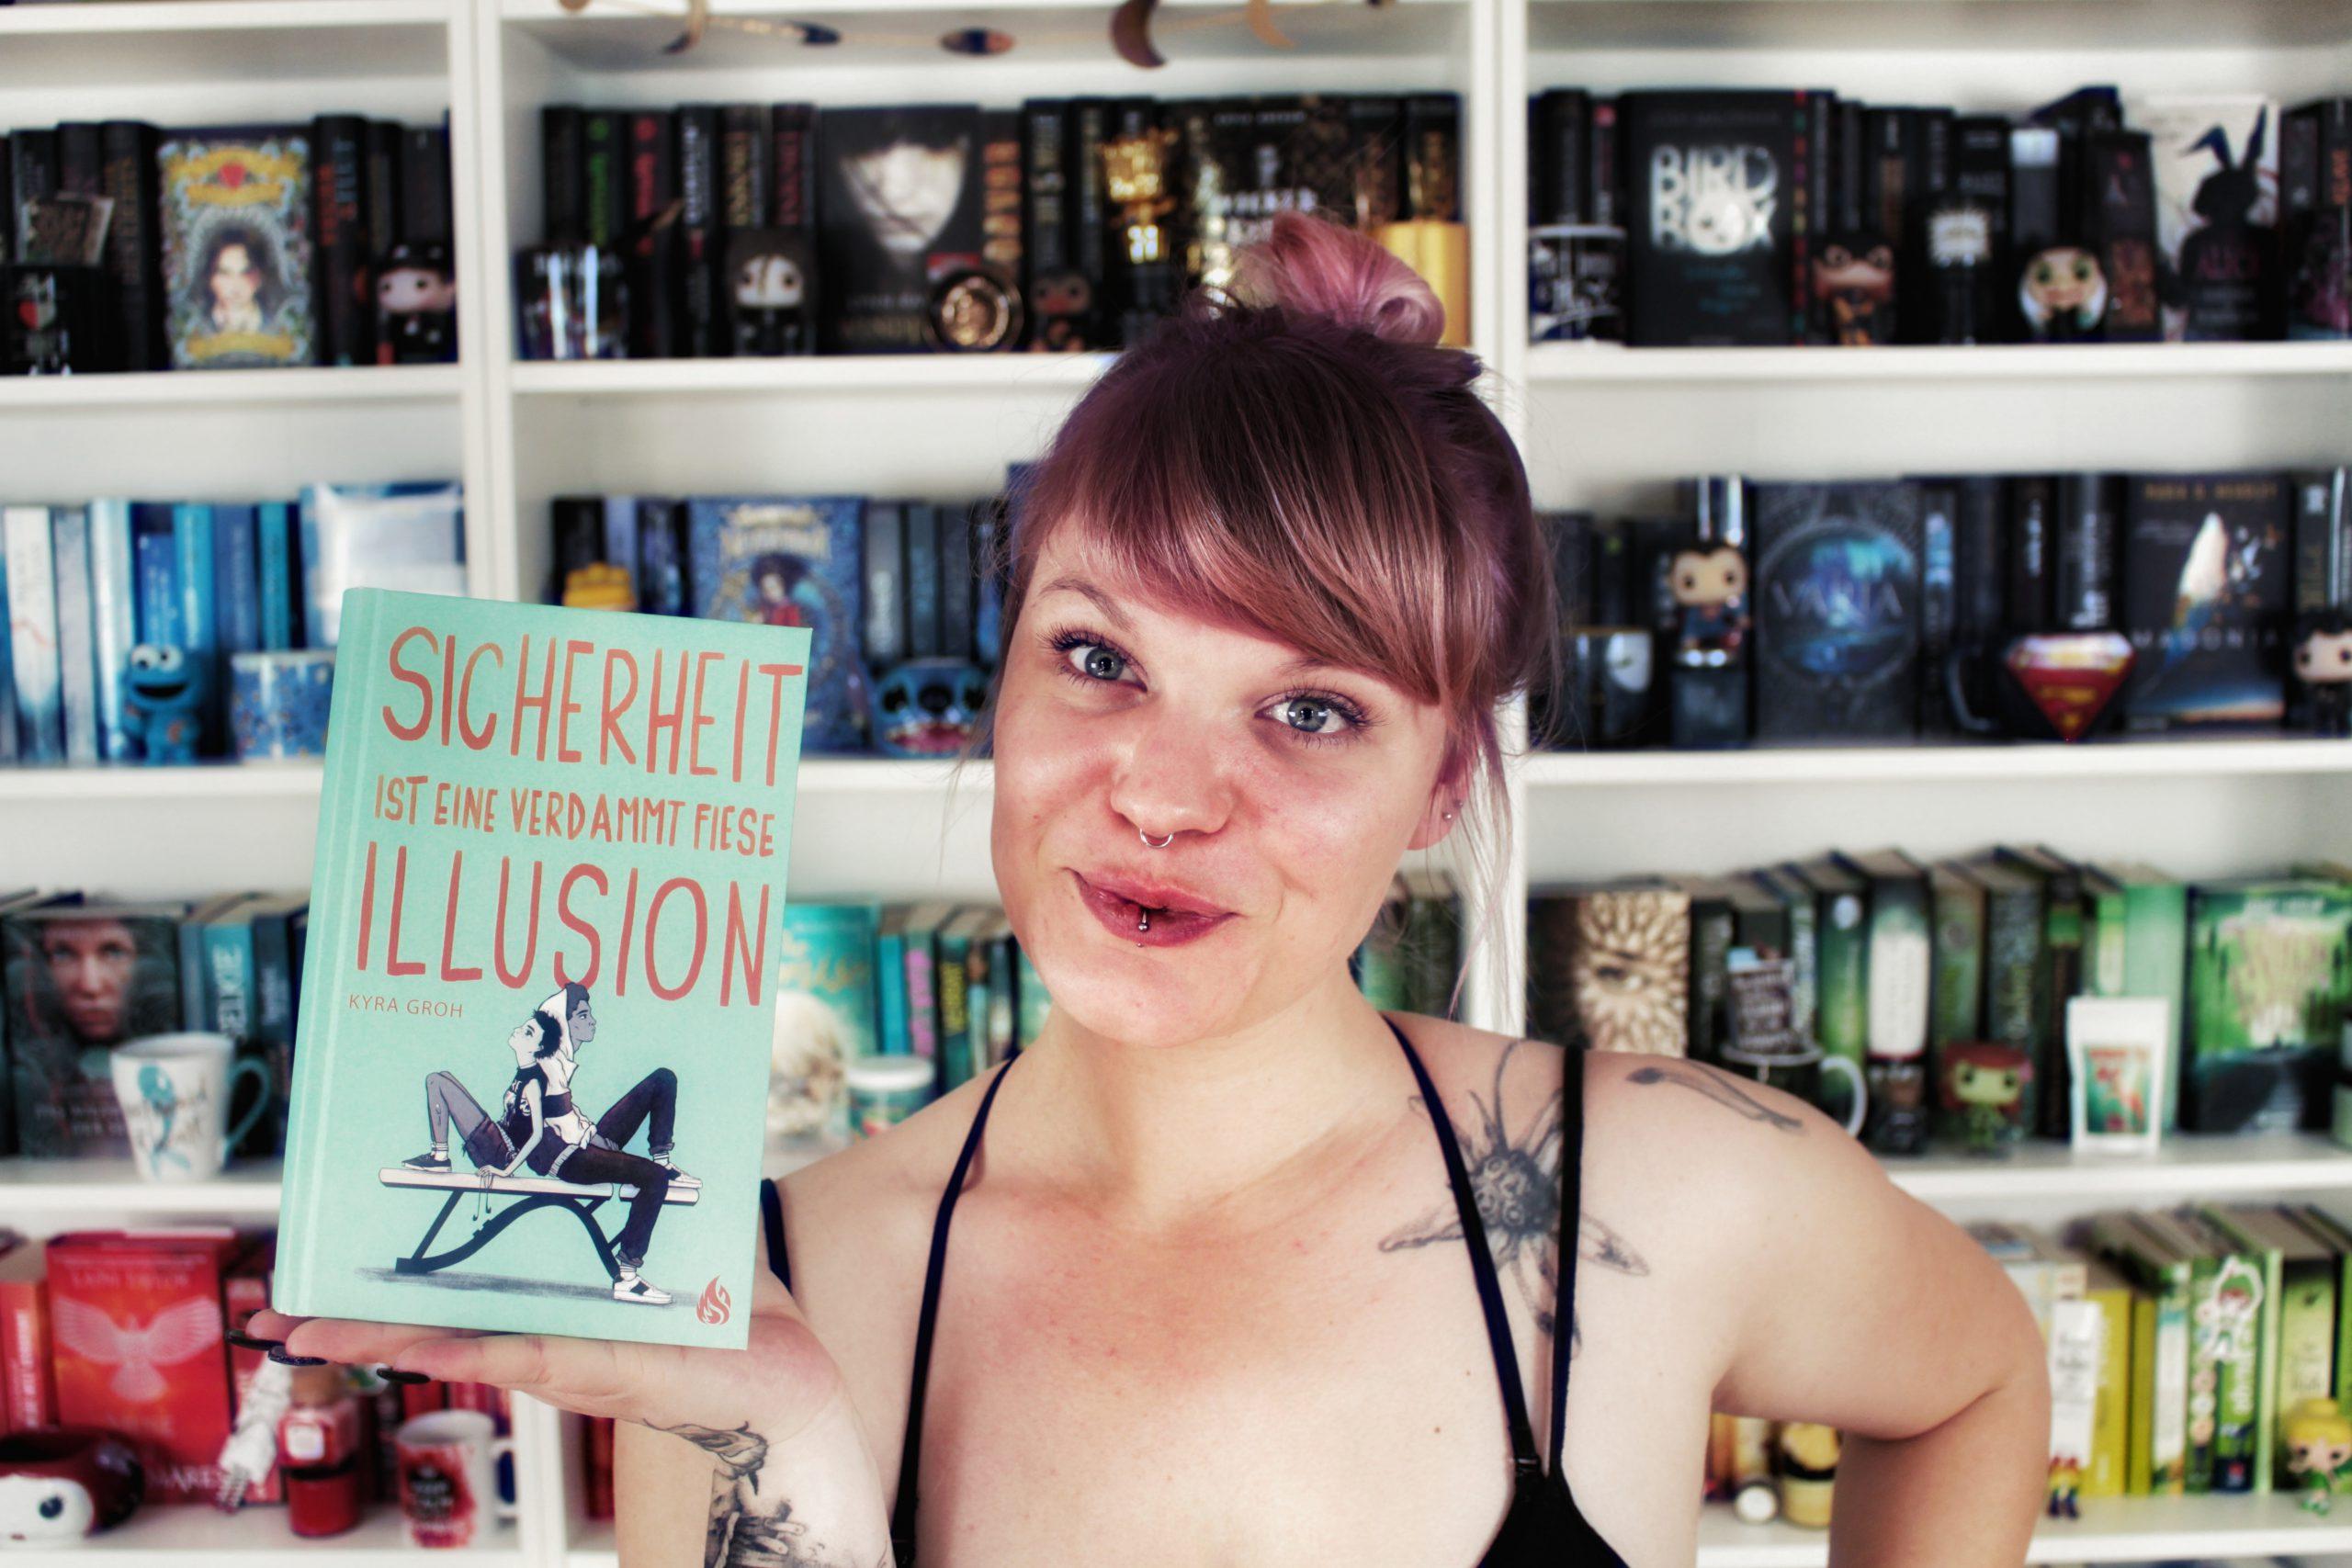 Rezension | Sicherheit ist eine verdammt fiese Illusion von Kyra Groh